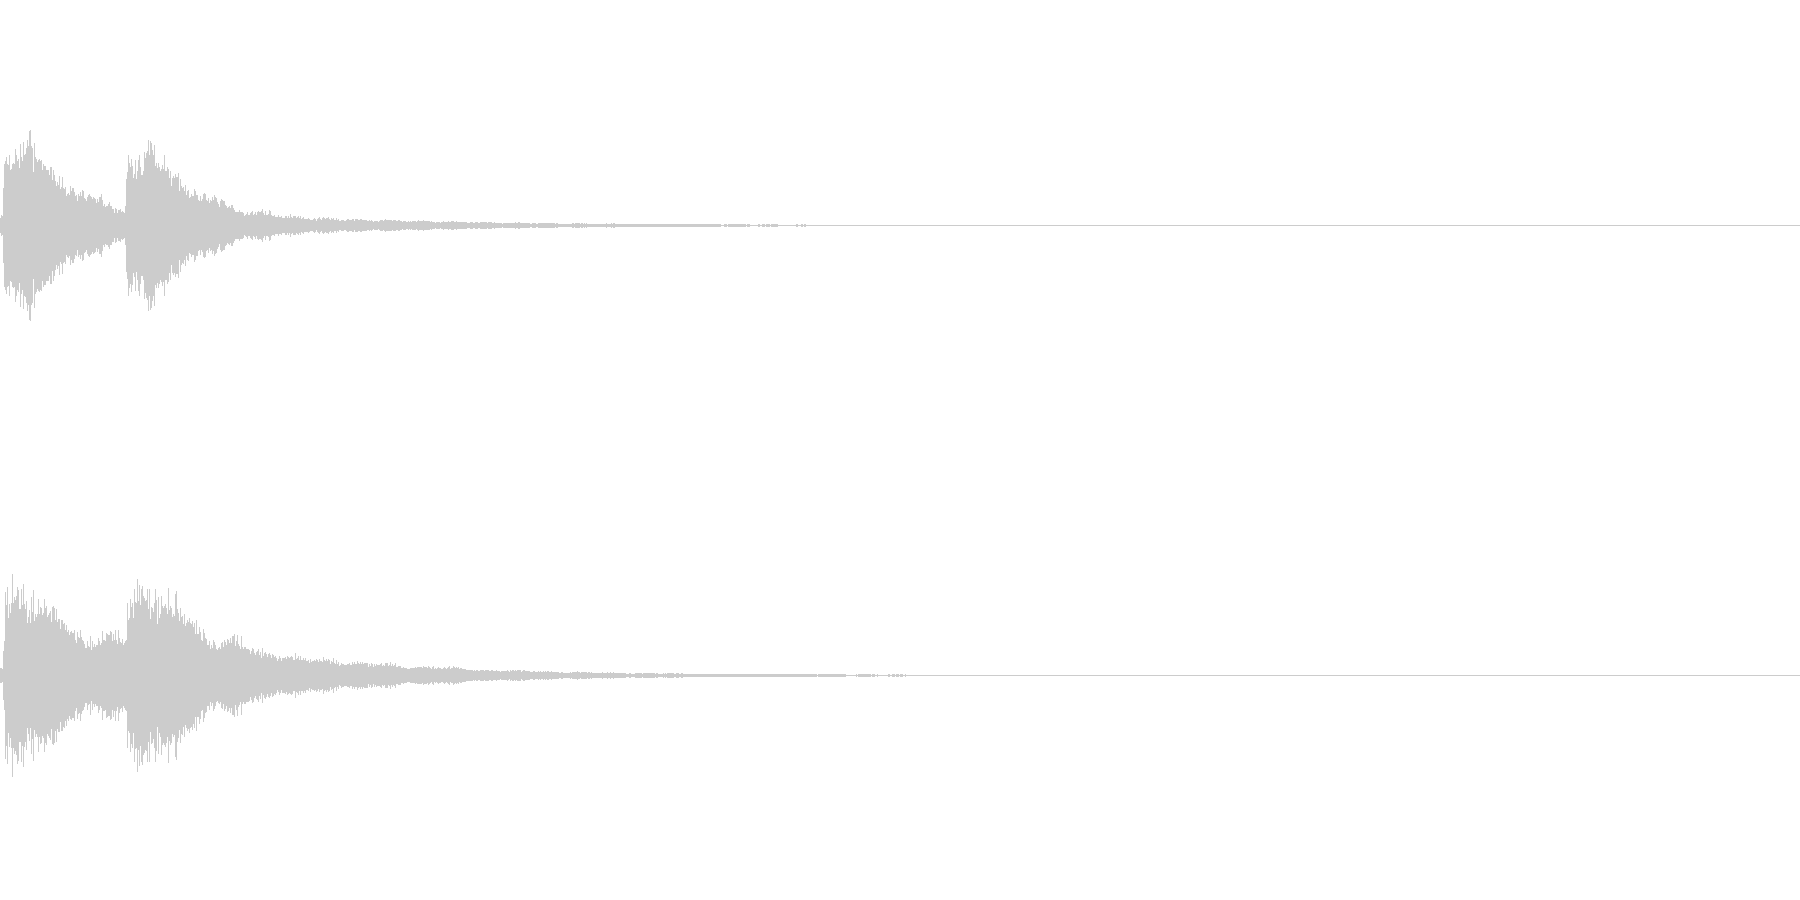 チンチーン:距離感のある卓上ベル二発 の未再生の波形